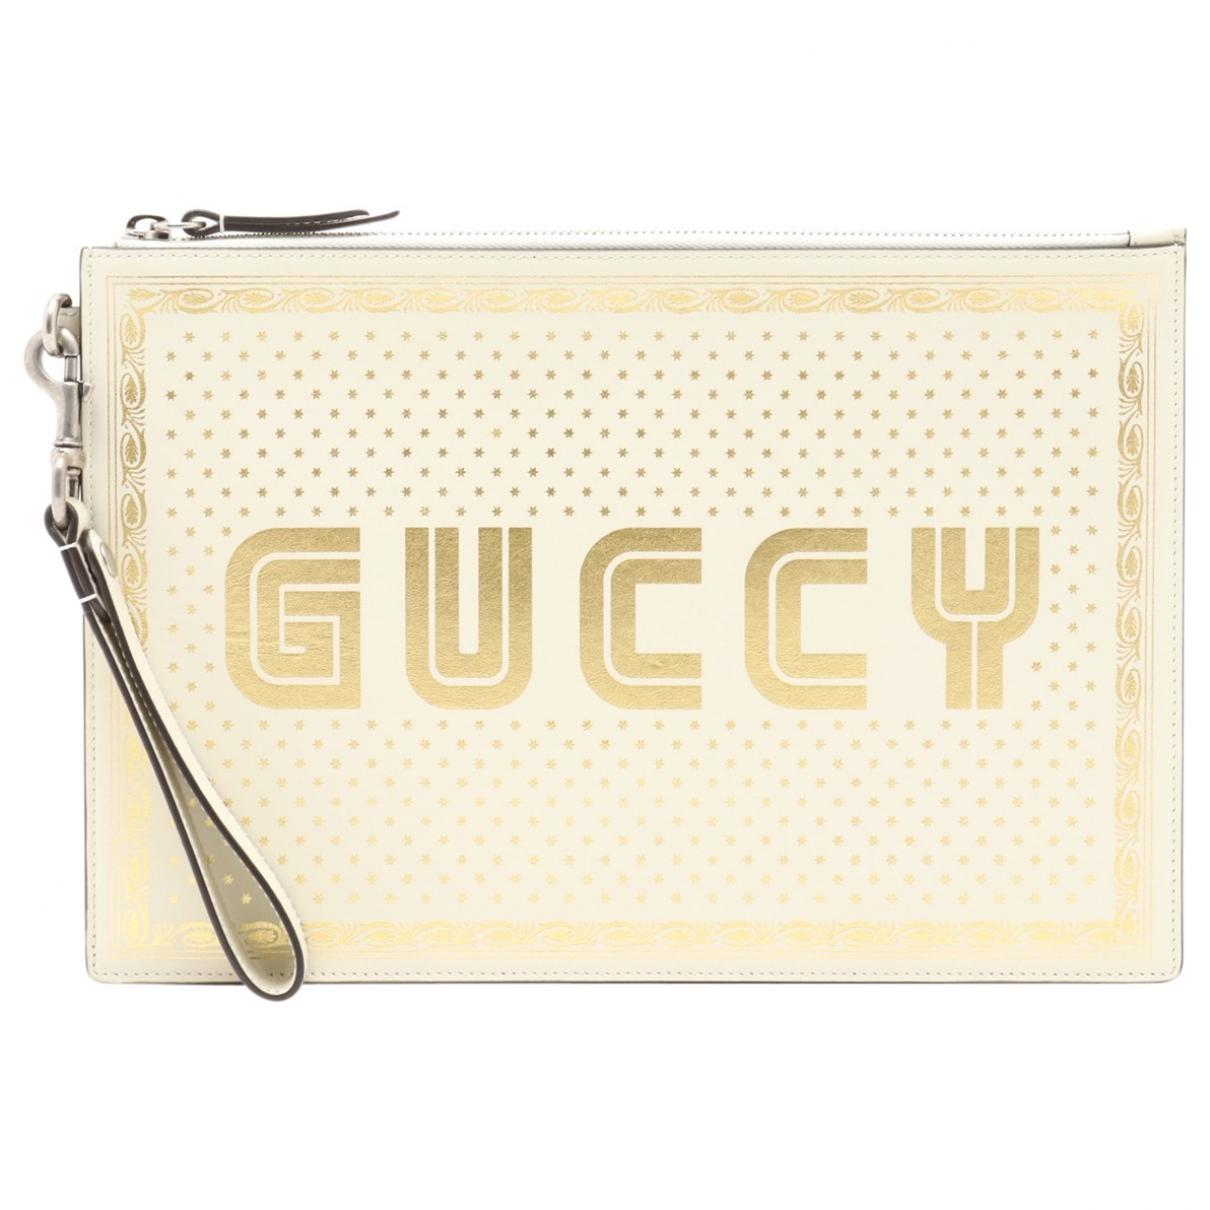 Gucci \N Clutch in  Weiss Leder